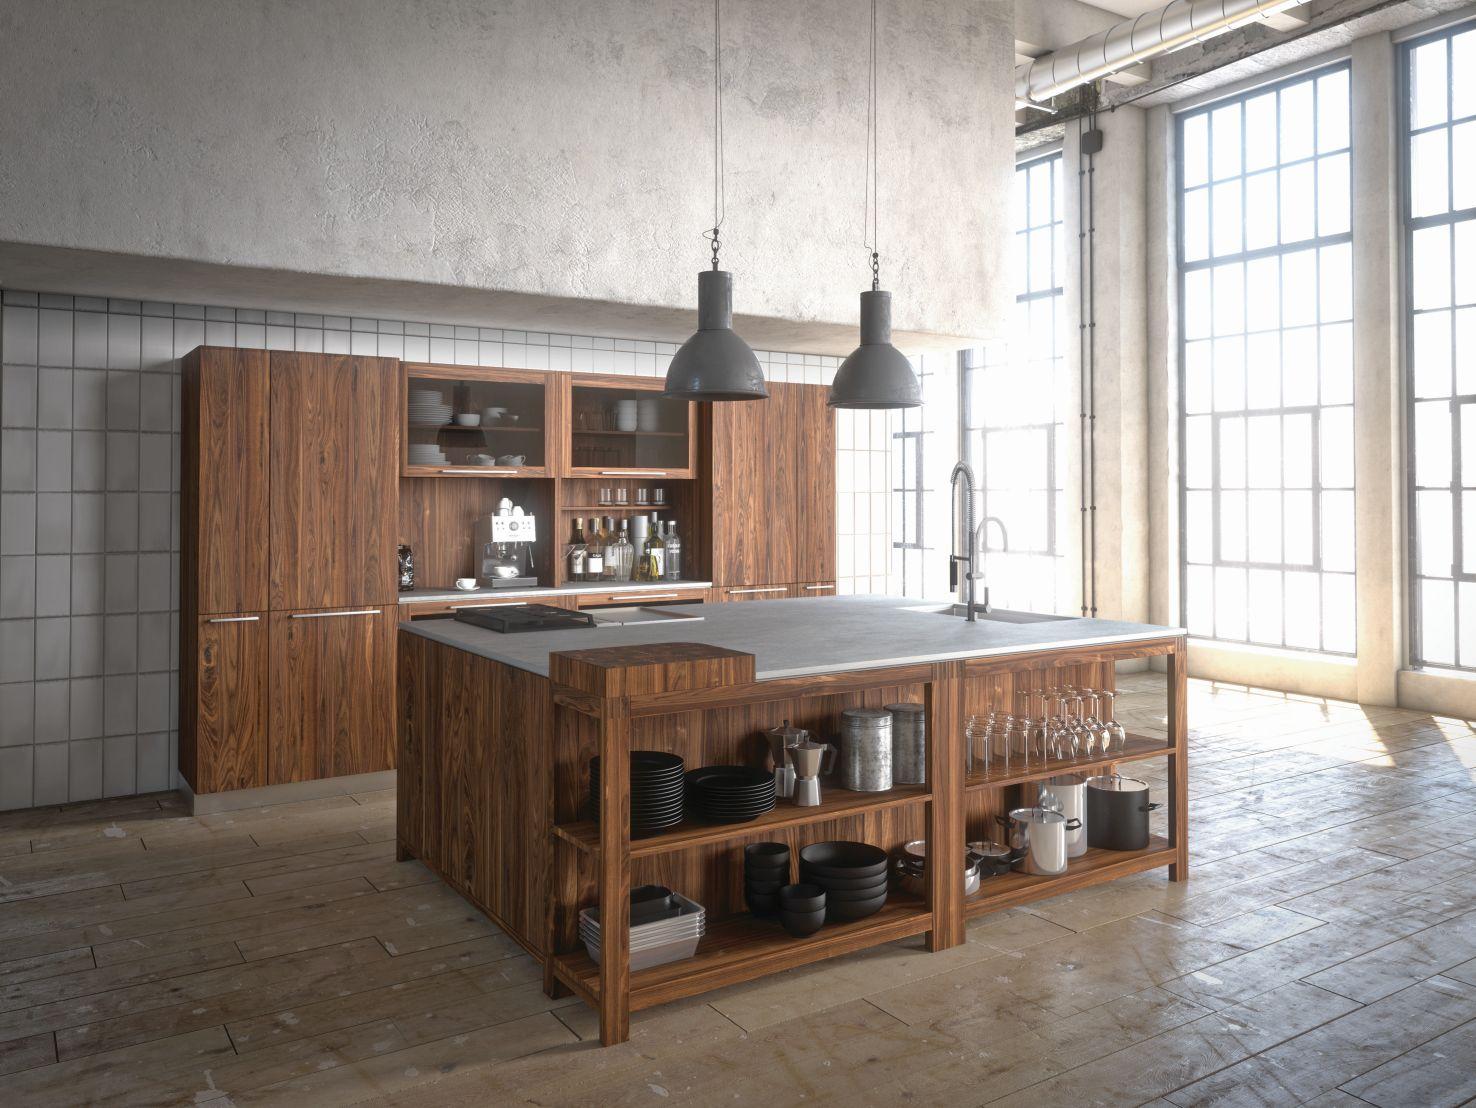 7wharfside_loft-kitchen-in-natural-walnut-by-team-7.jpg